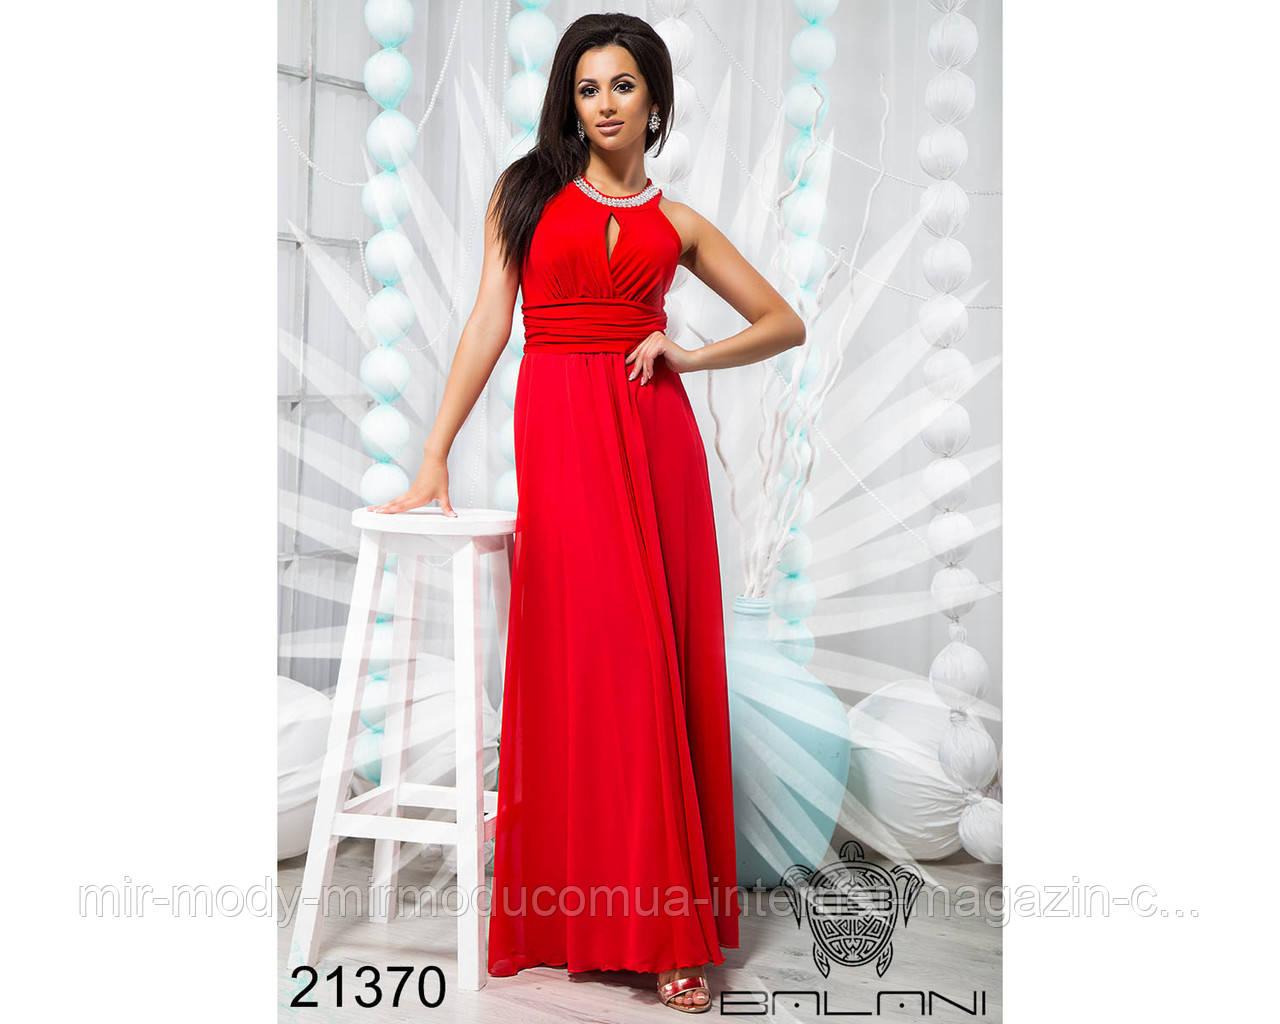 Элегантное вечернее платье в пол - 21370 размер ун 42-46 (бн)